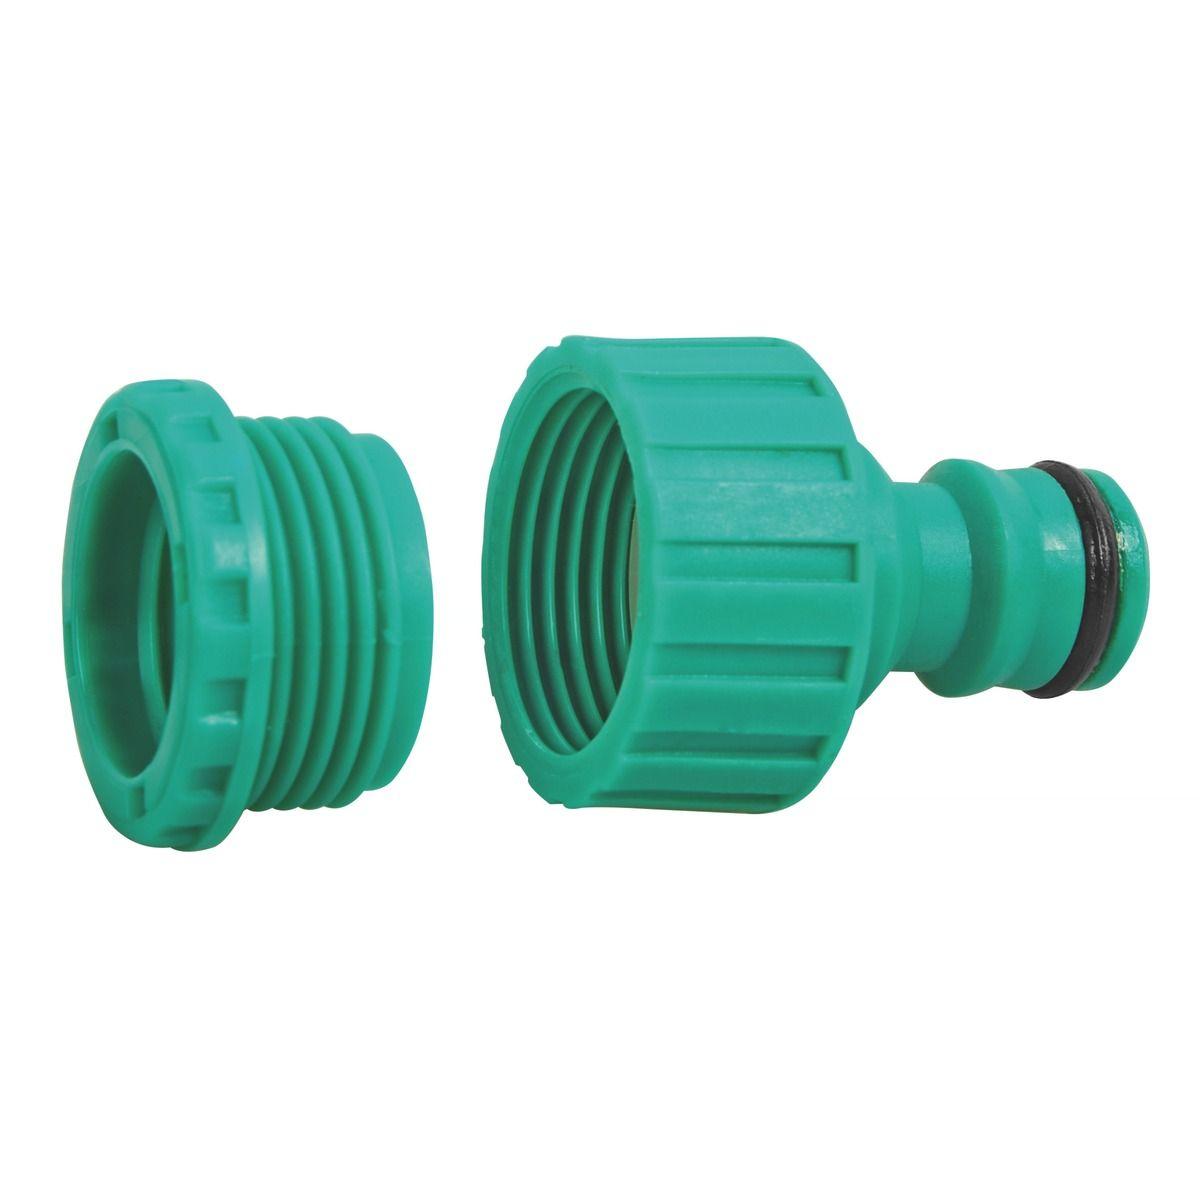 Conector Macho Plástico p/Engate Rápido - Tramontina